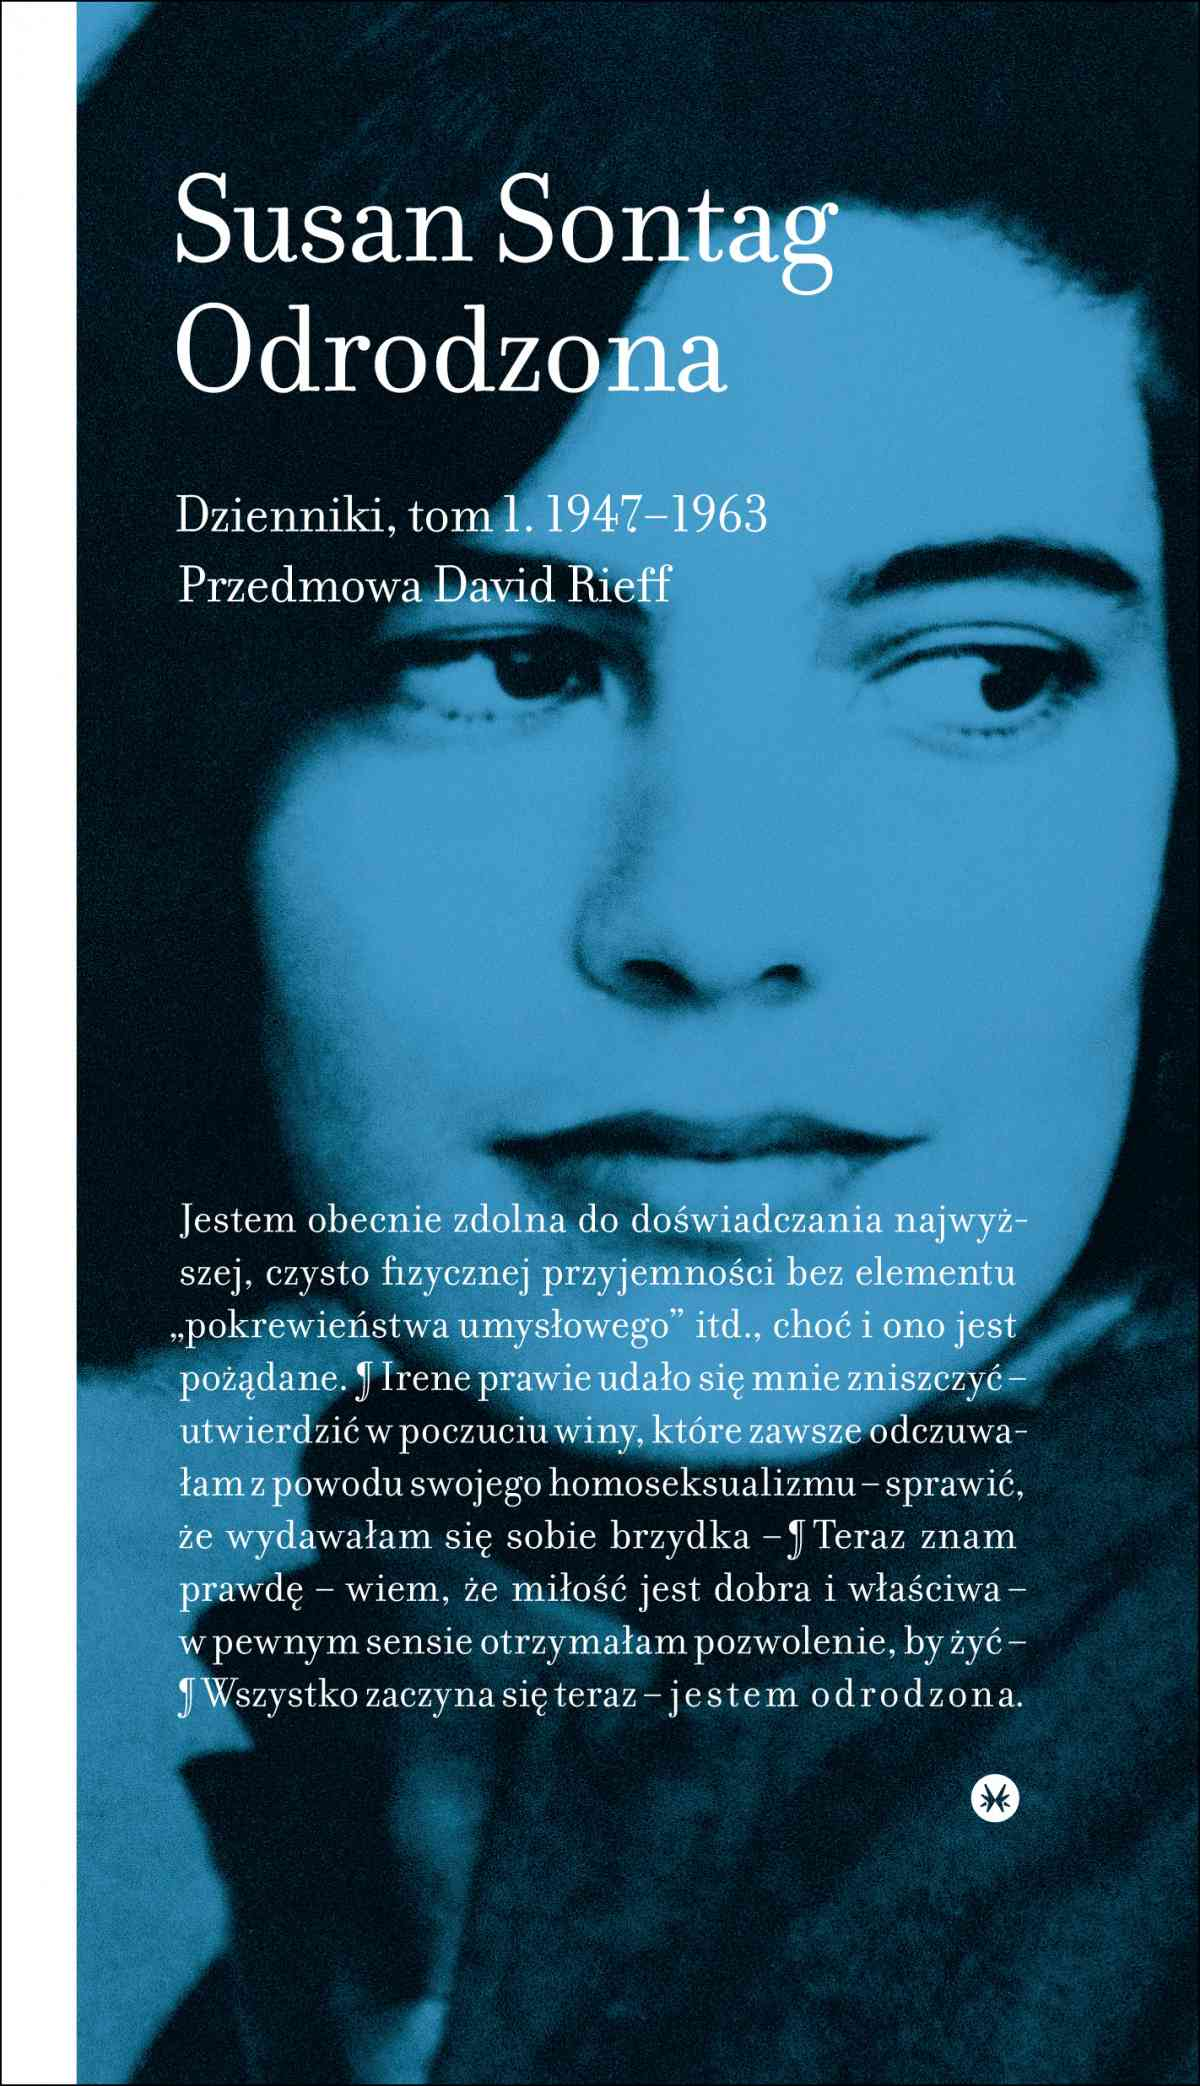 Odrodzona. Dzienniki, tom 1, 1947–1963 - Ebook (Książka EPUB) do pobrania w formacie EPUB